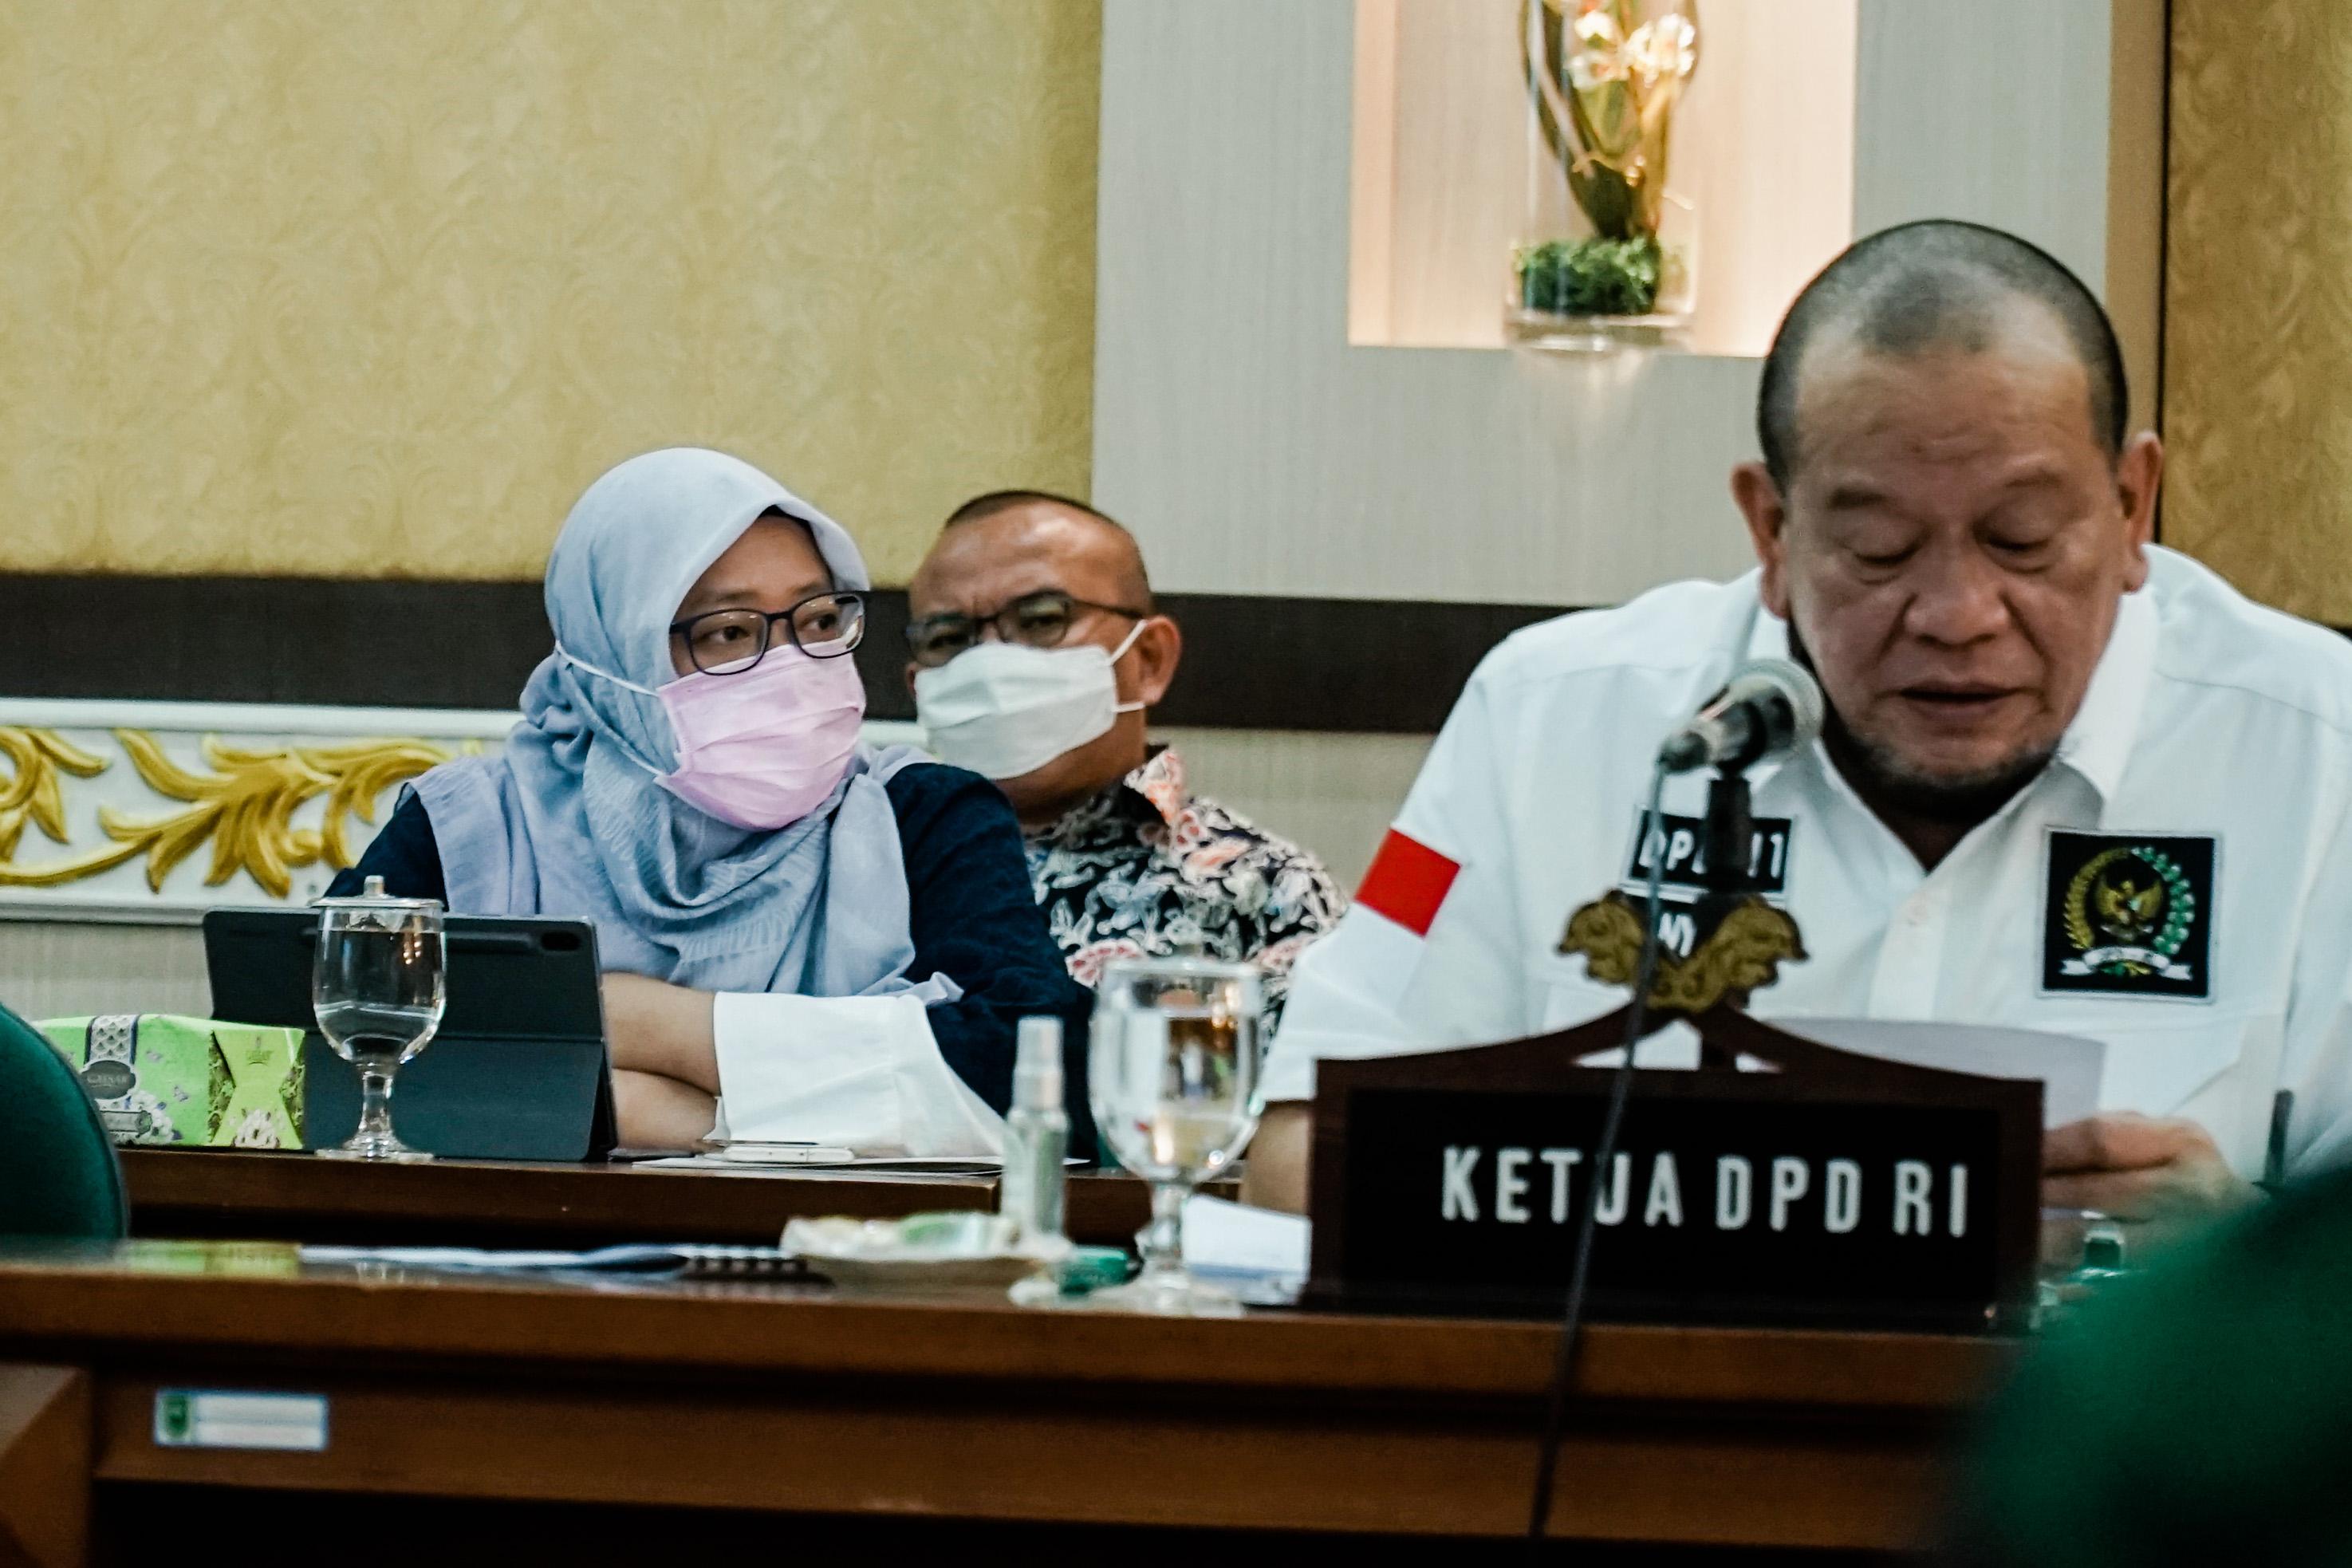 Kementerian Badan Usaha Milik Negara menghadiri Rapat Kerja dengan Pemerintah Provinsi Riau di Kantor Gubernur Riau, Kota Pekanbaru, hari Senin (31/8).